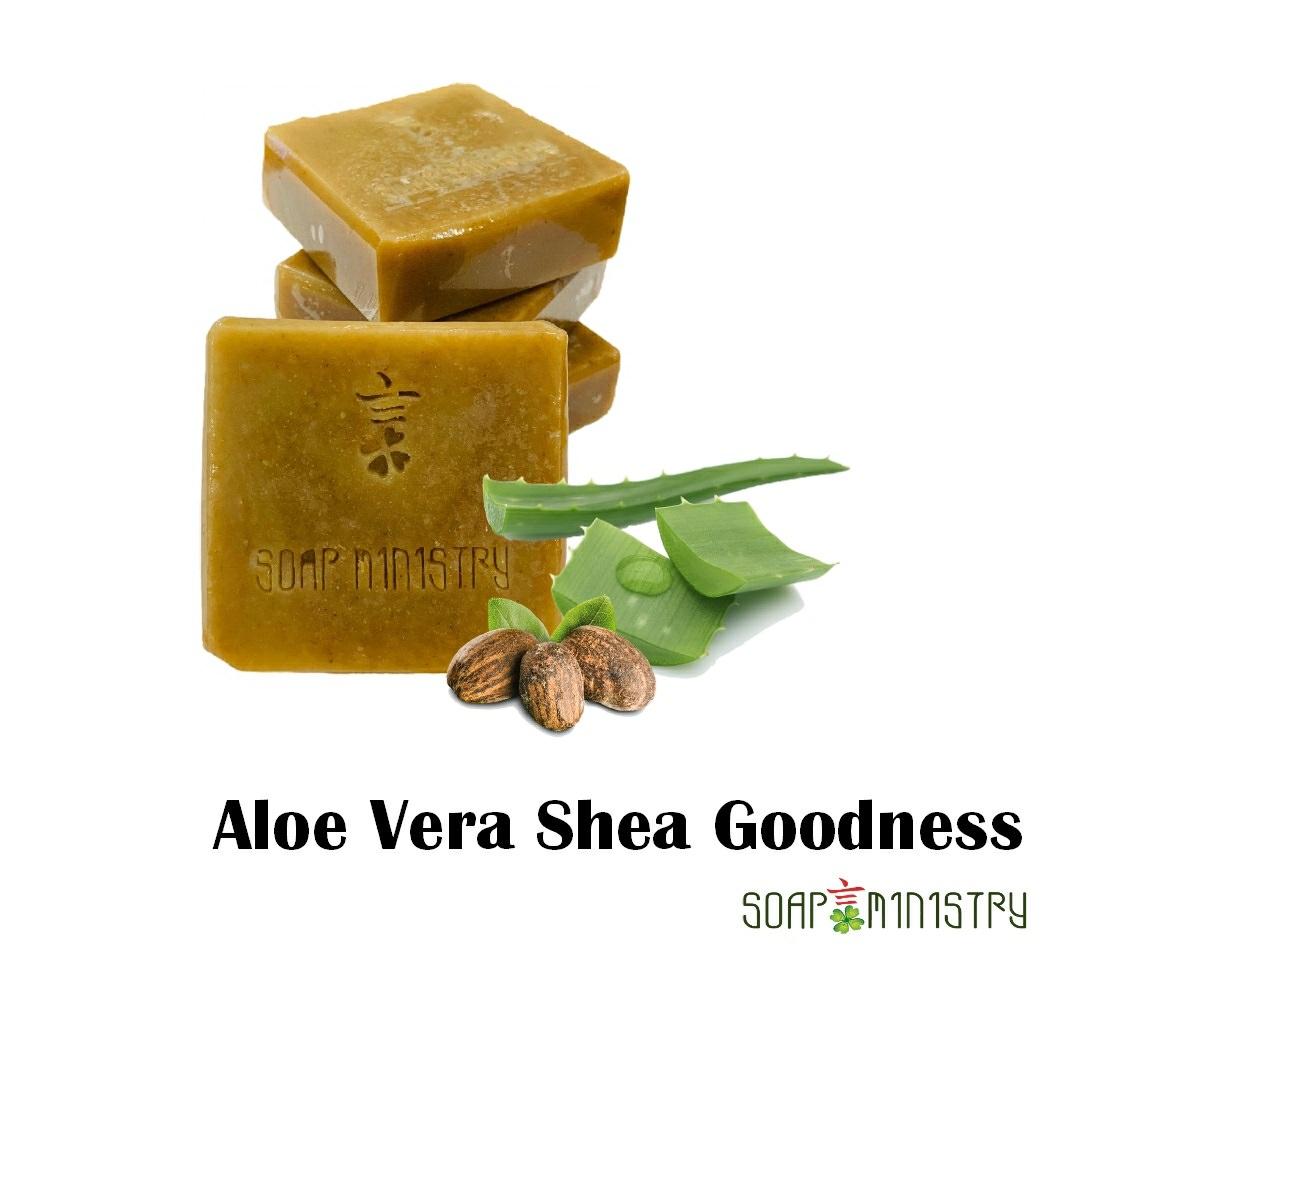 Aloe Vera Shea Goodness Soap